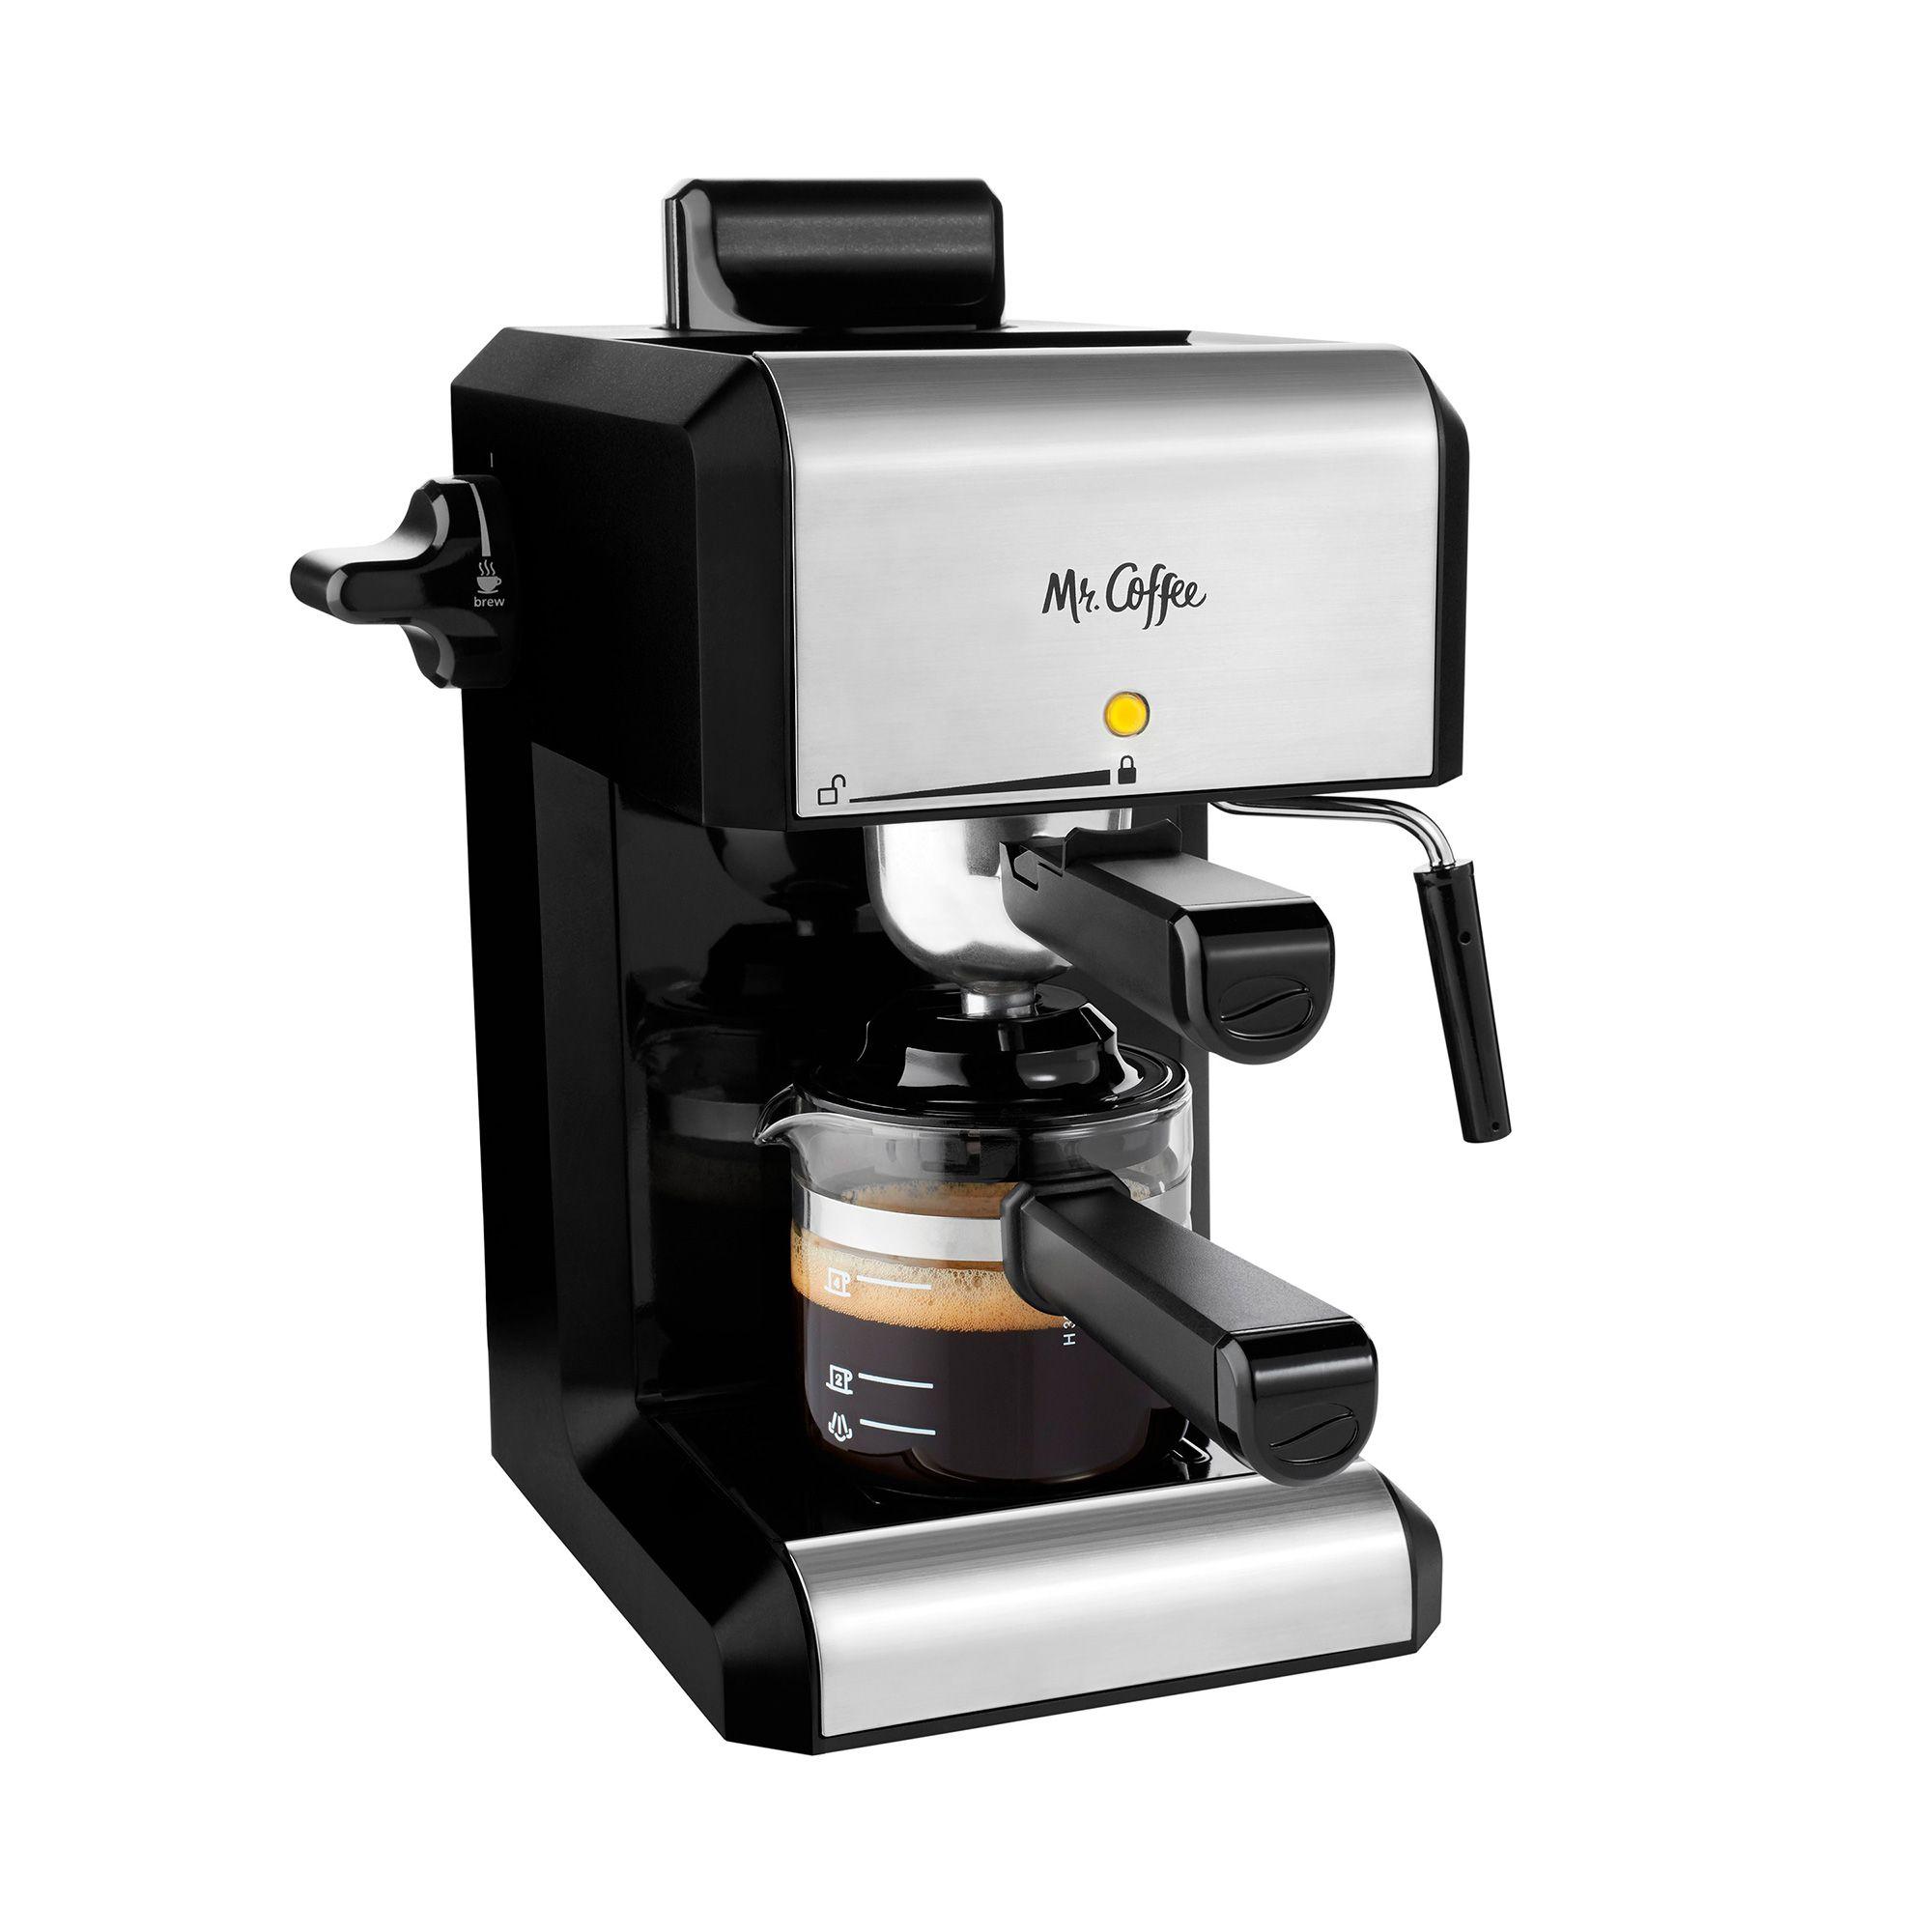 Mr. Coffee Caf Steam Automatic Espresso and Cappuccino Machine, 20 oz, Silver - Walmart.com